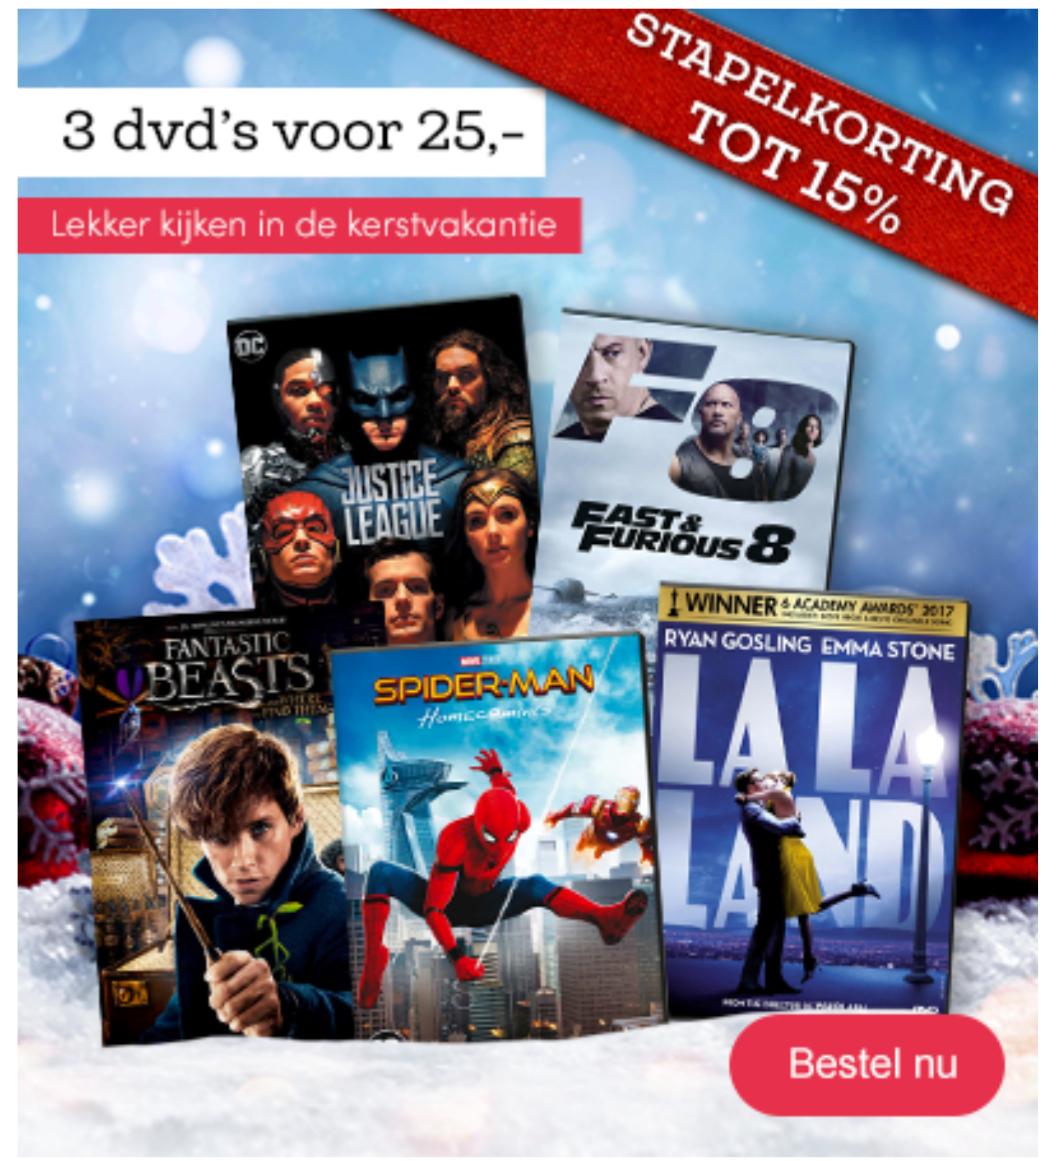 3 DVD's voor €25 bij bookspot